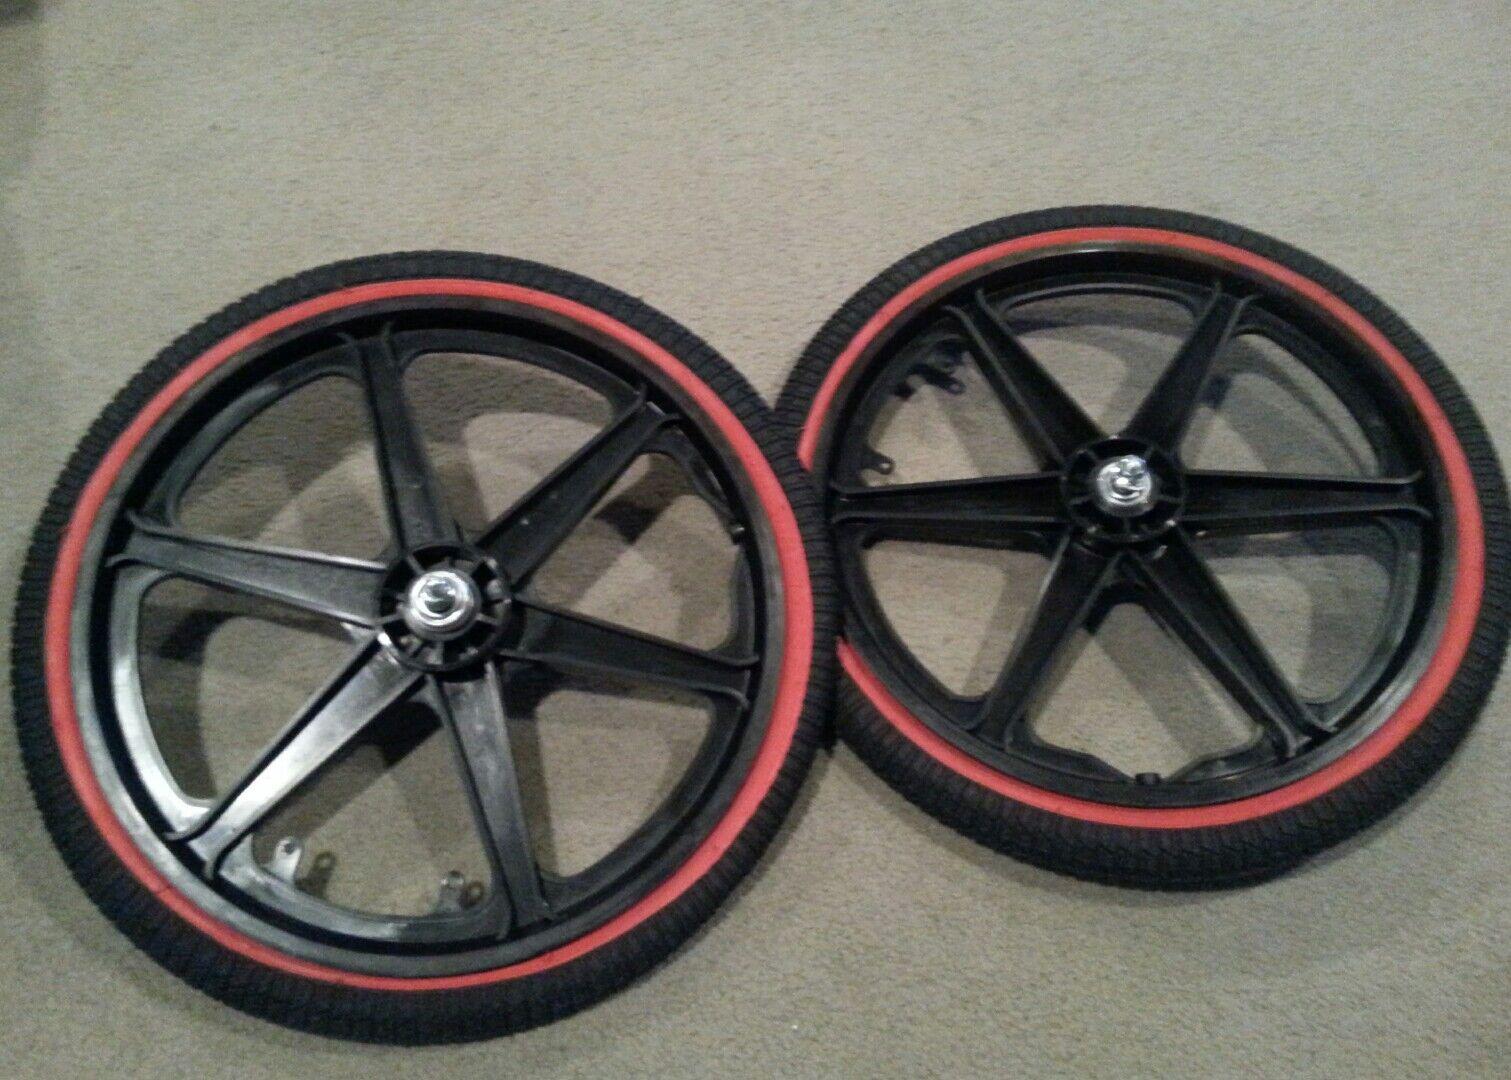 Nuevo 20  MAG Ruedas de 6 radios nuevos neumáticos tubos para Gt Dyno Haro Bmx Bicicletas